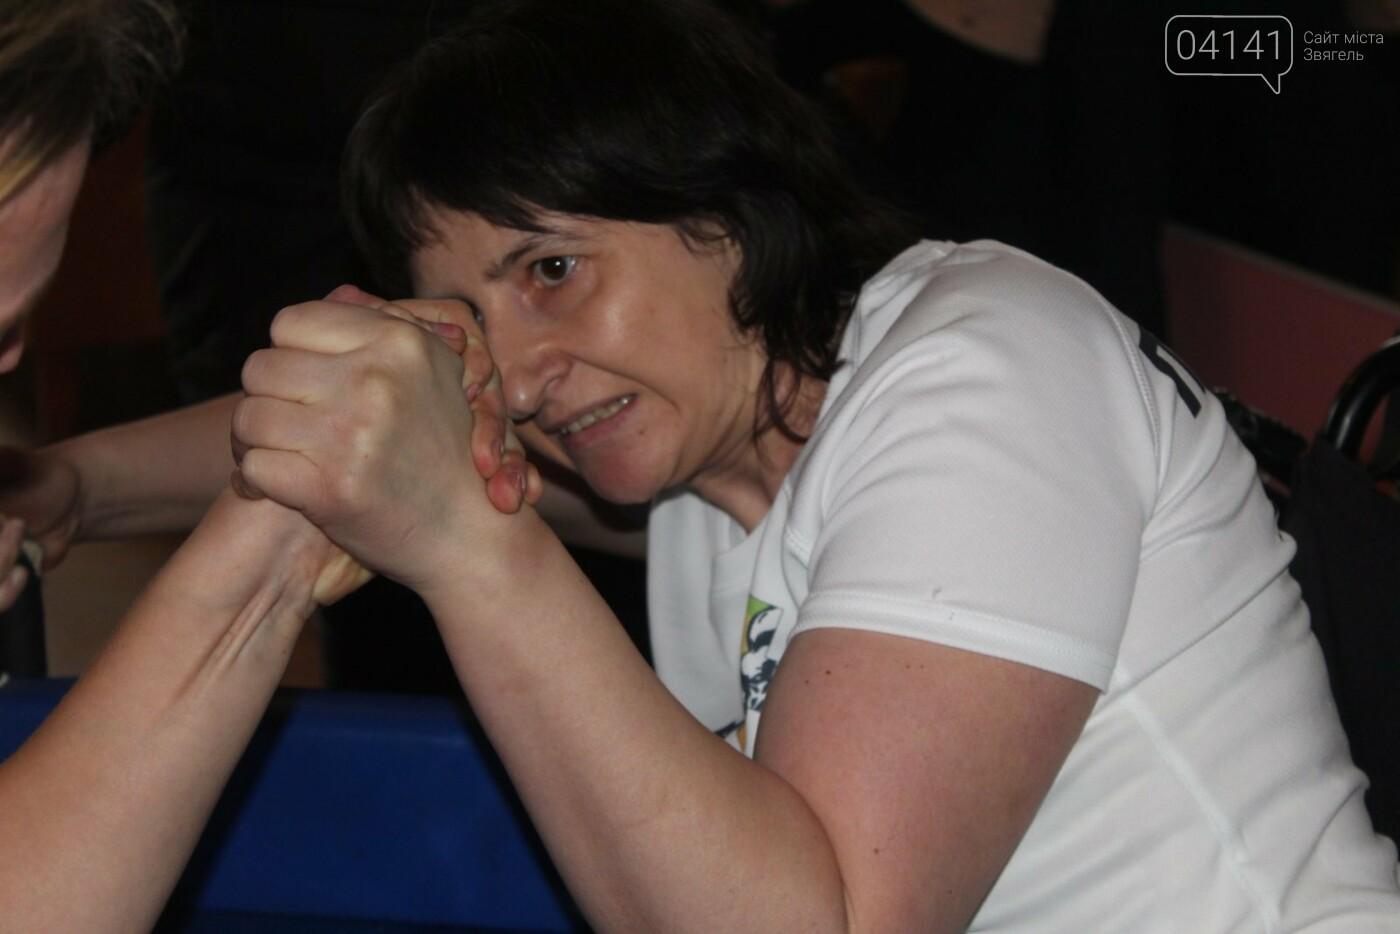 Як у Новограді проходив чемпіонат з армспорту серед людей з інвалідністю (ФОТО, ВІДЕО), фото-3